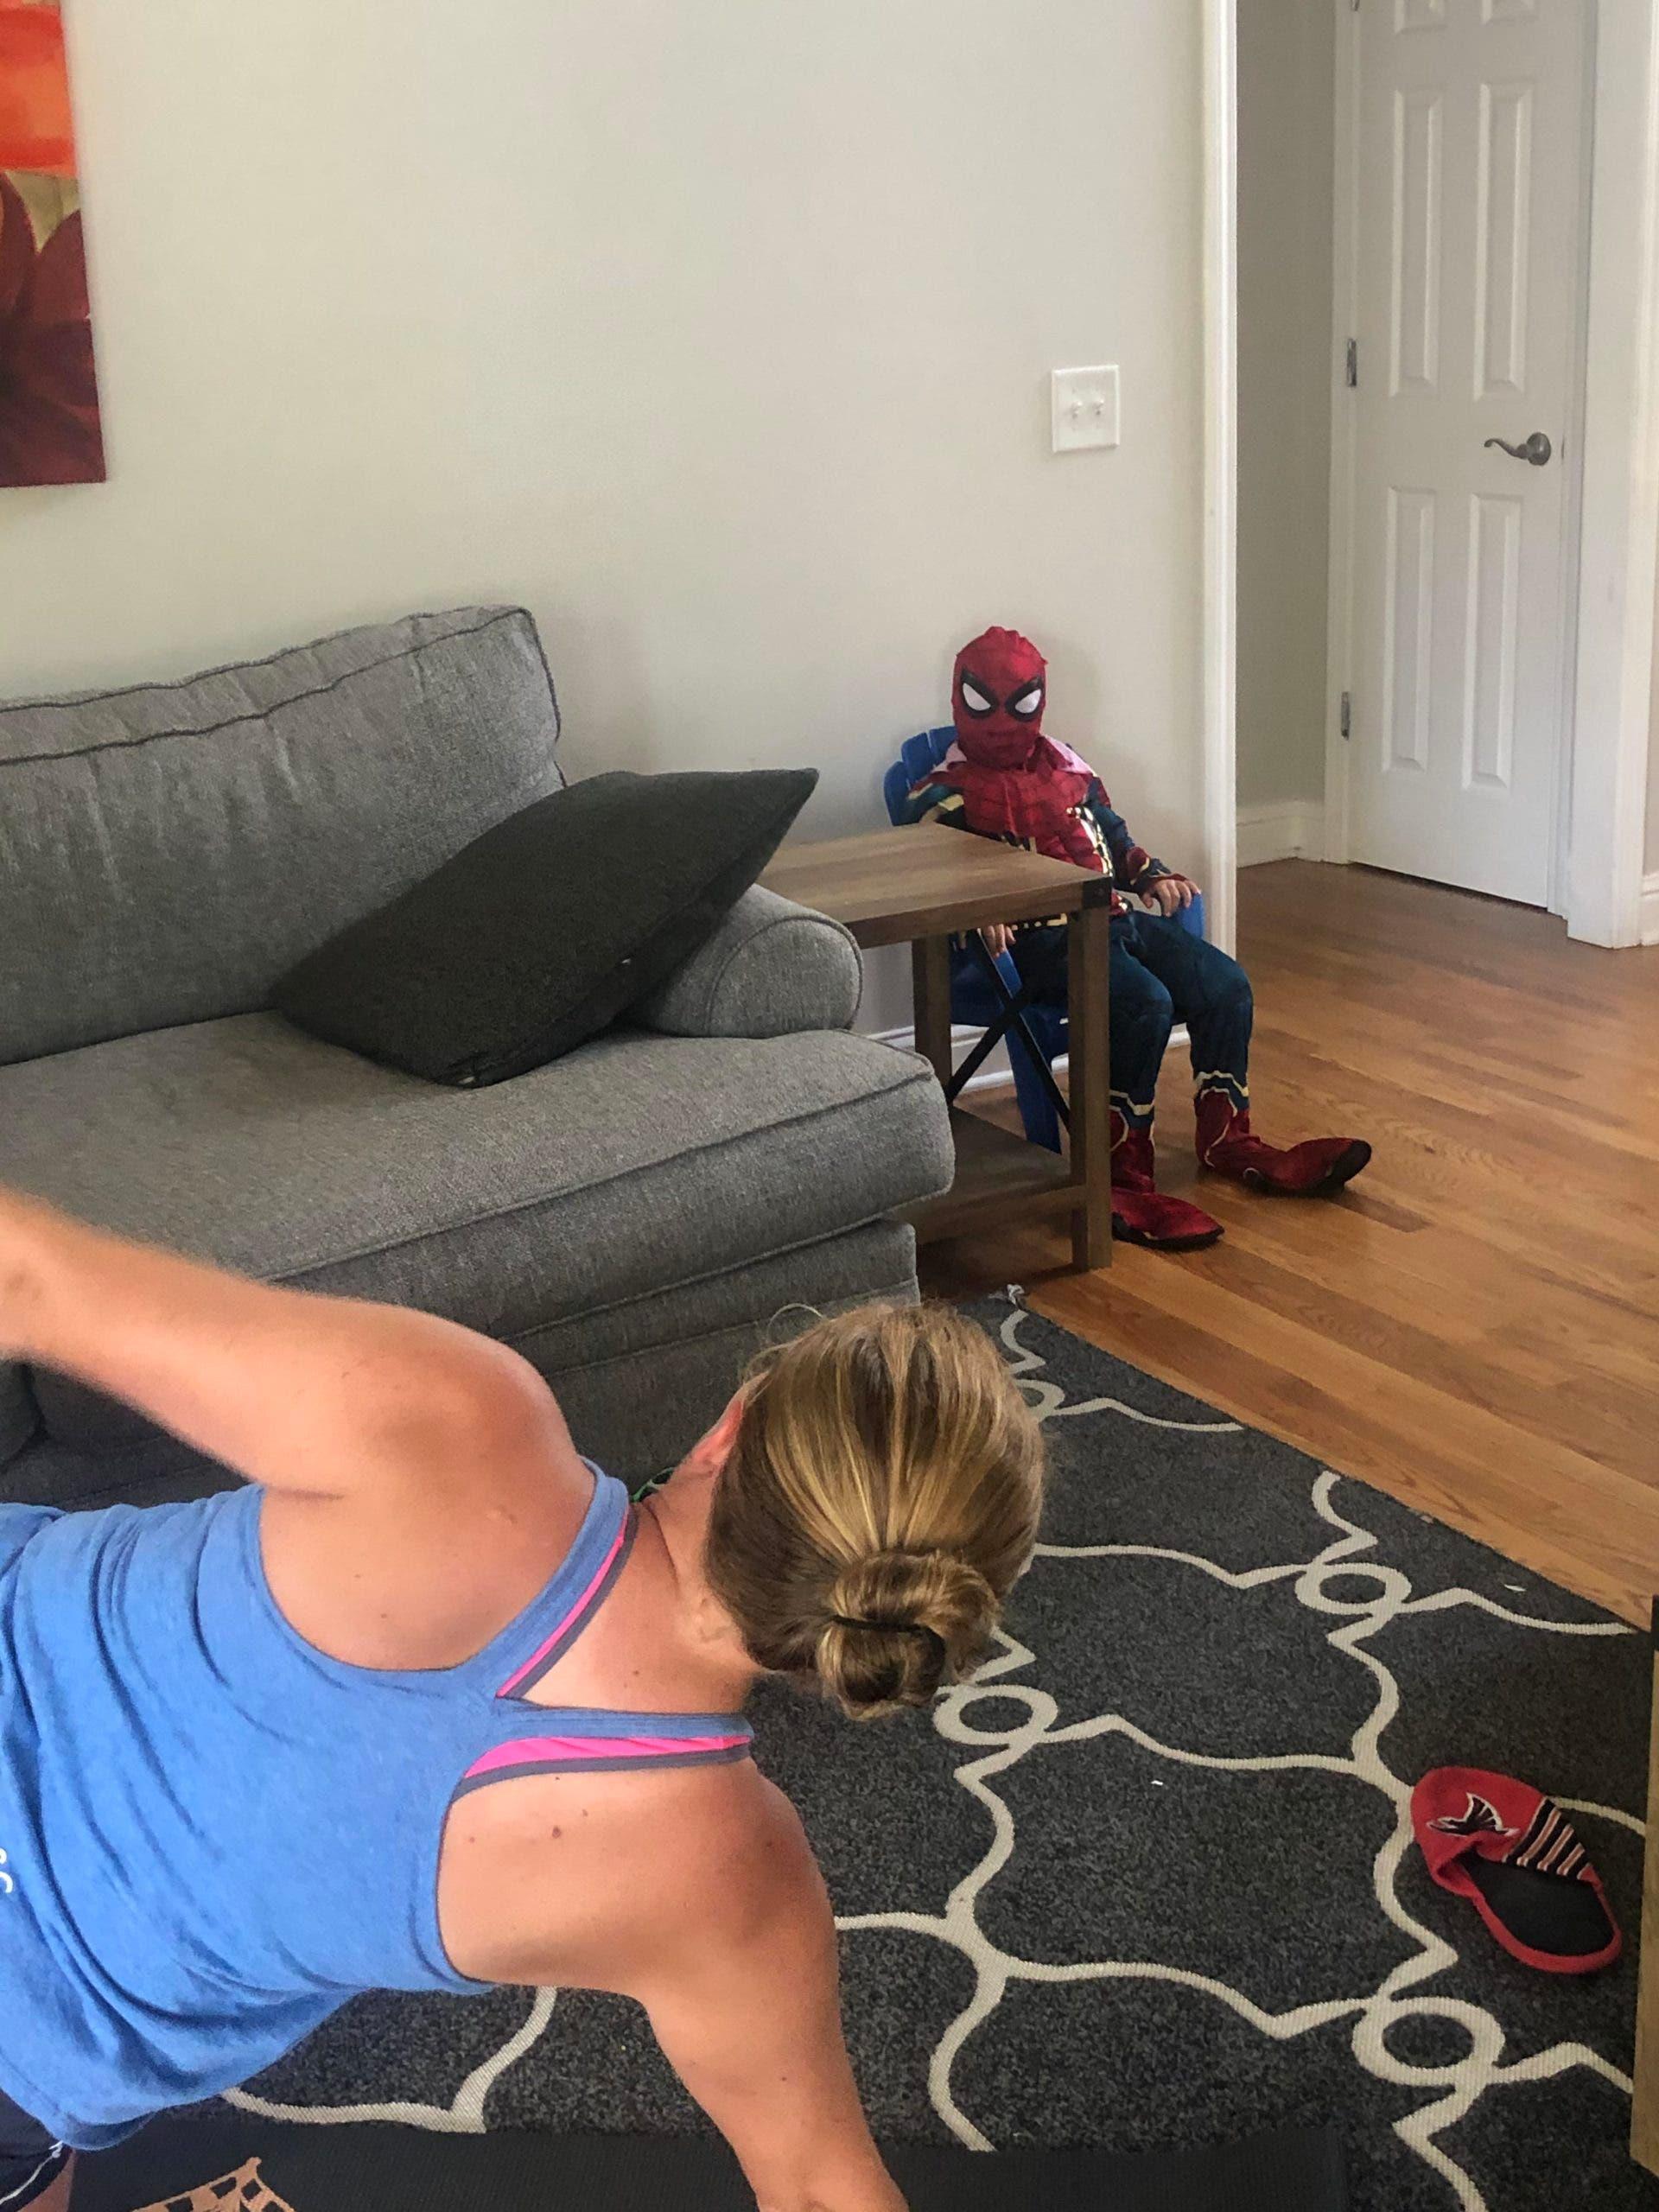 Sa fille sest fachee quand elle a appris quelle voulait faire du sport Elle a donc decide de sasseoir en costume pendant 45 minutes